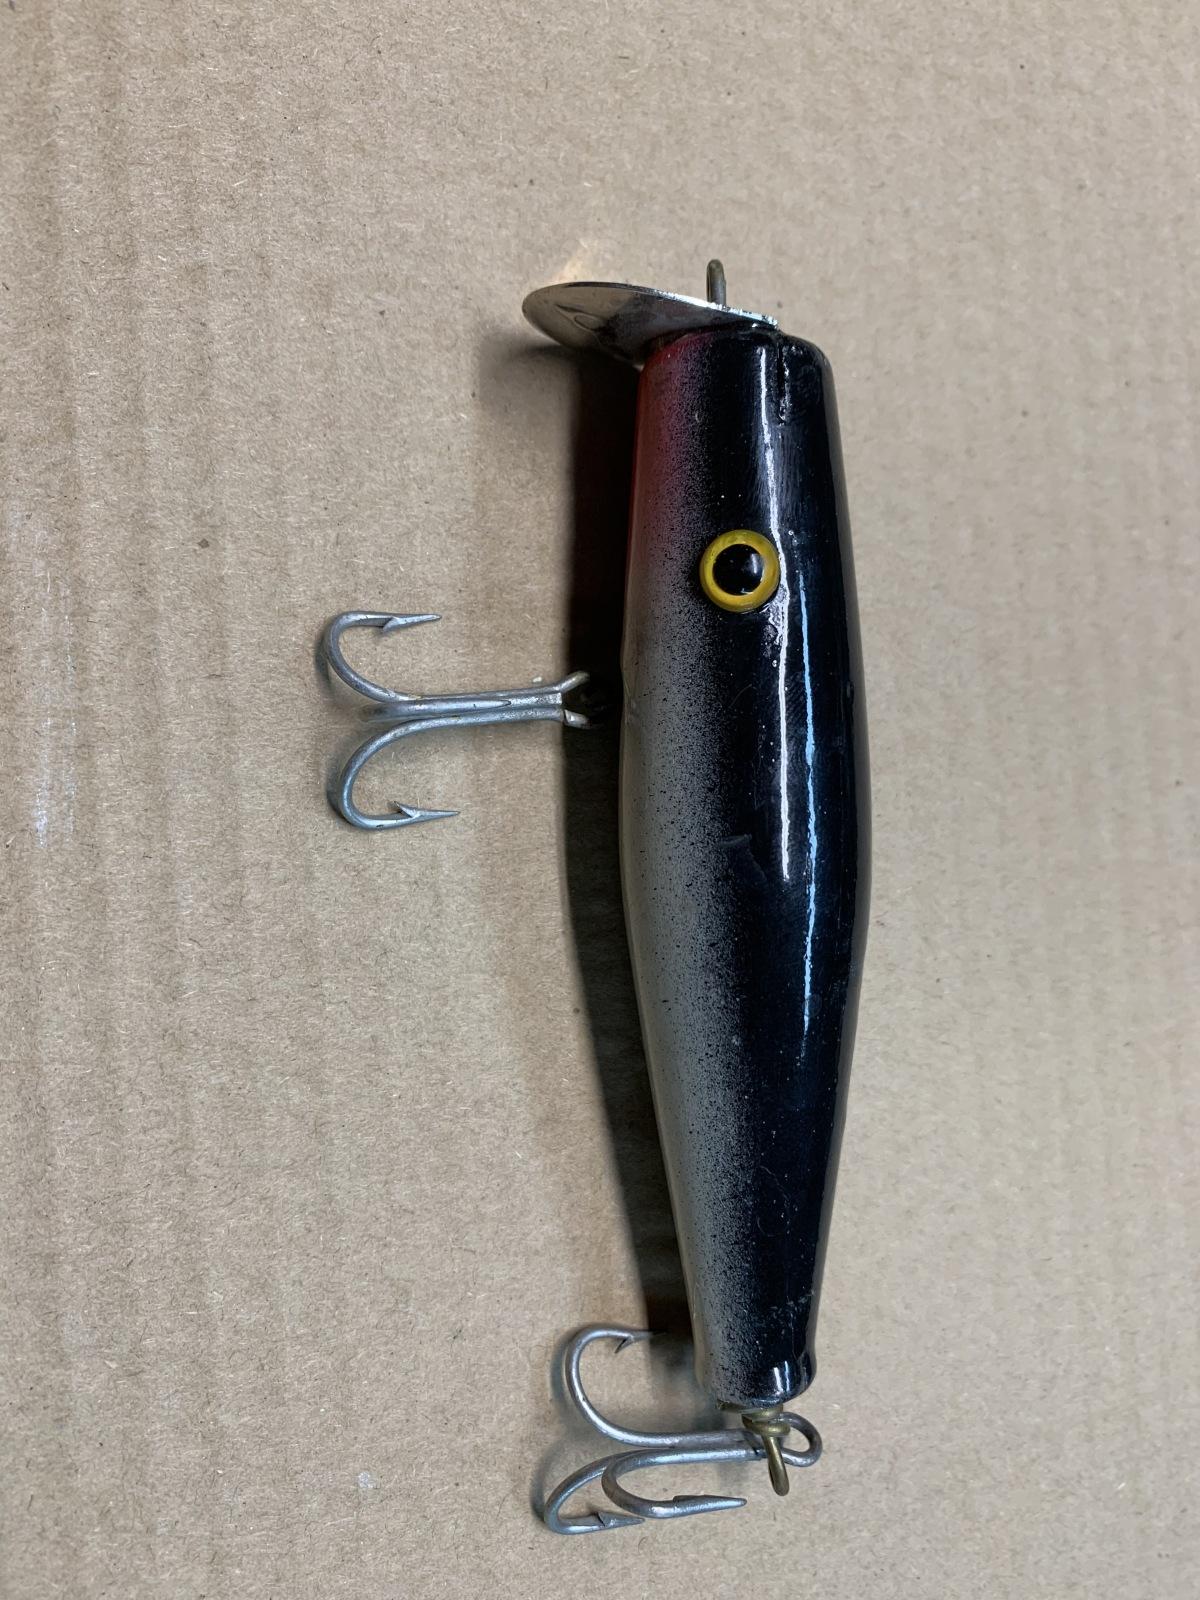 FBB5A80A-4033-4785-B5BC-082BEC61DC81.jpeg